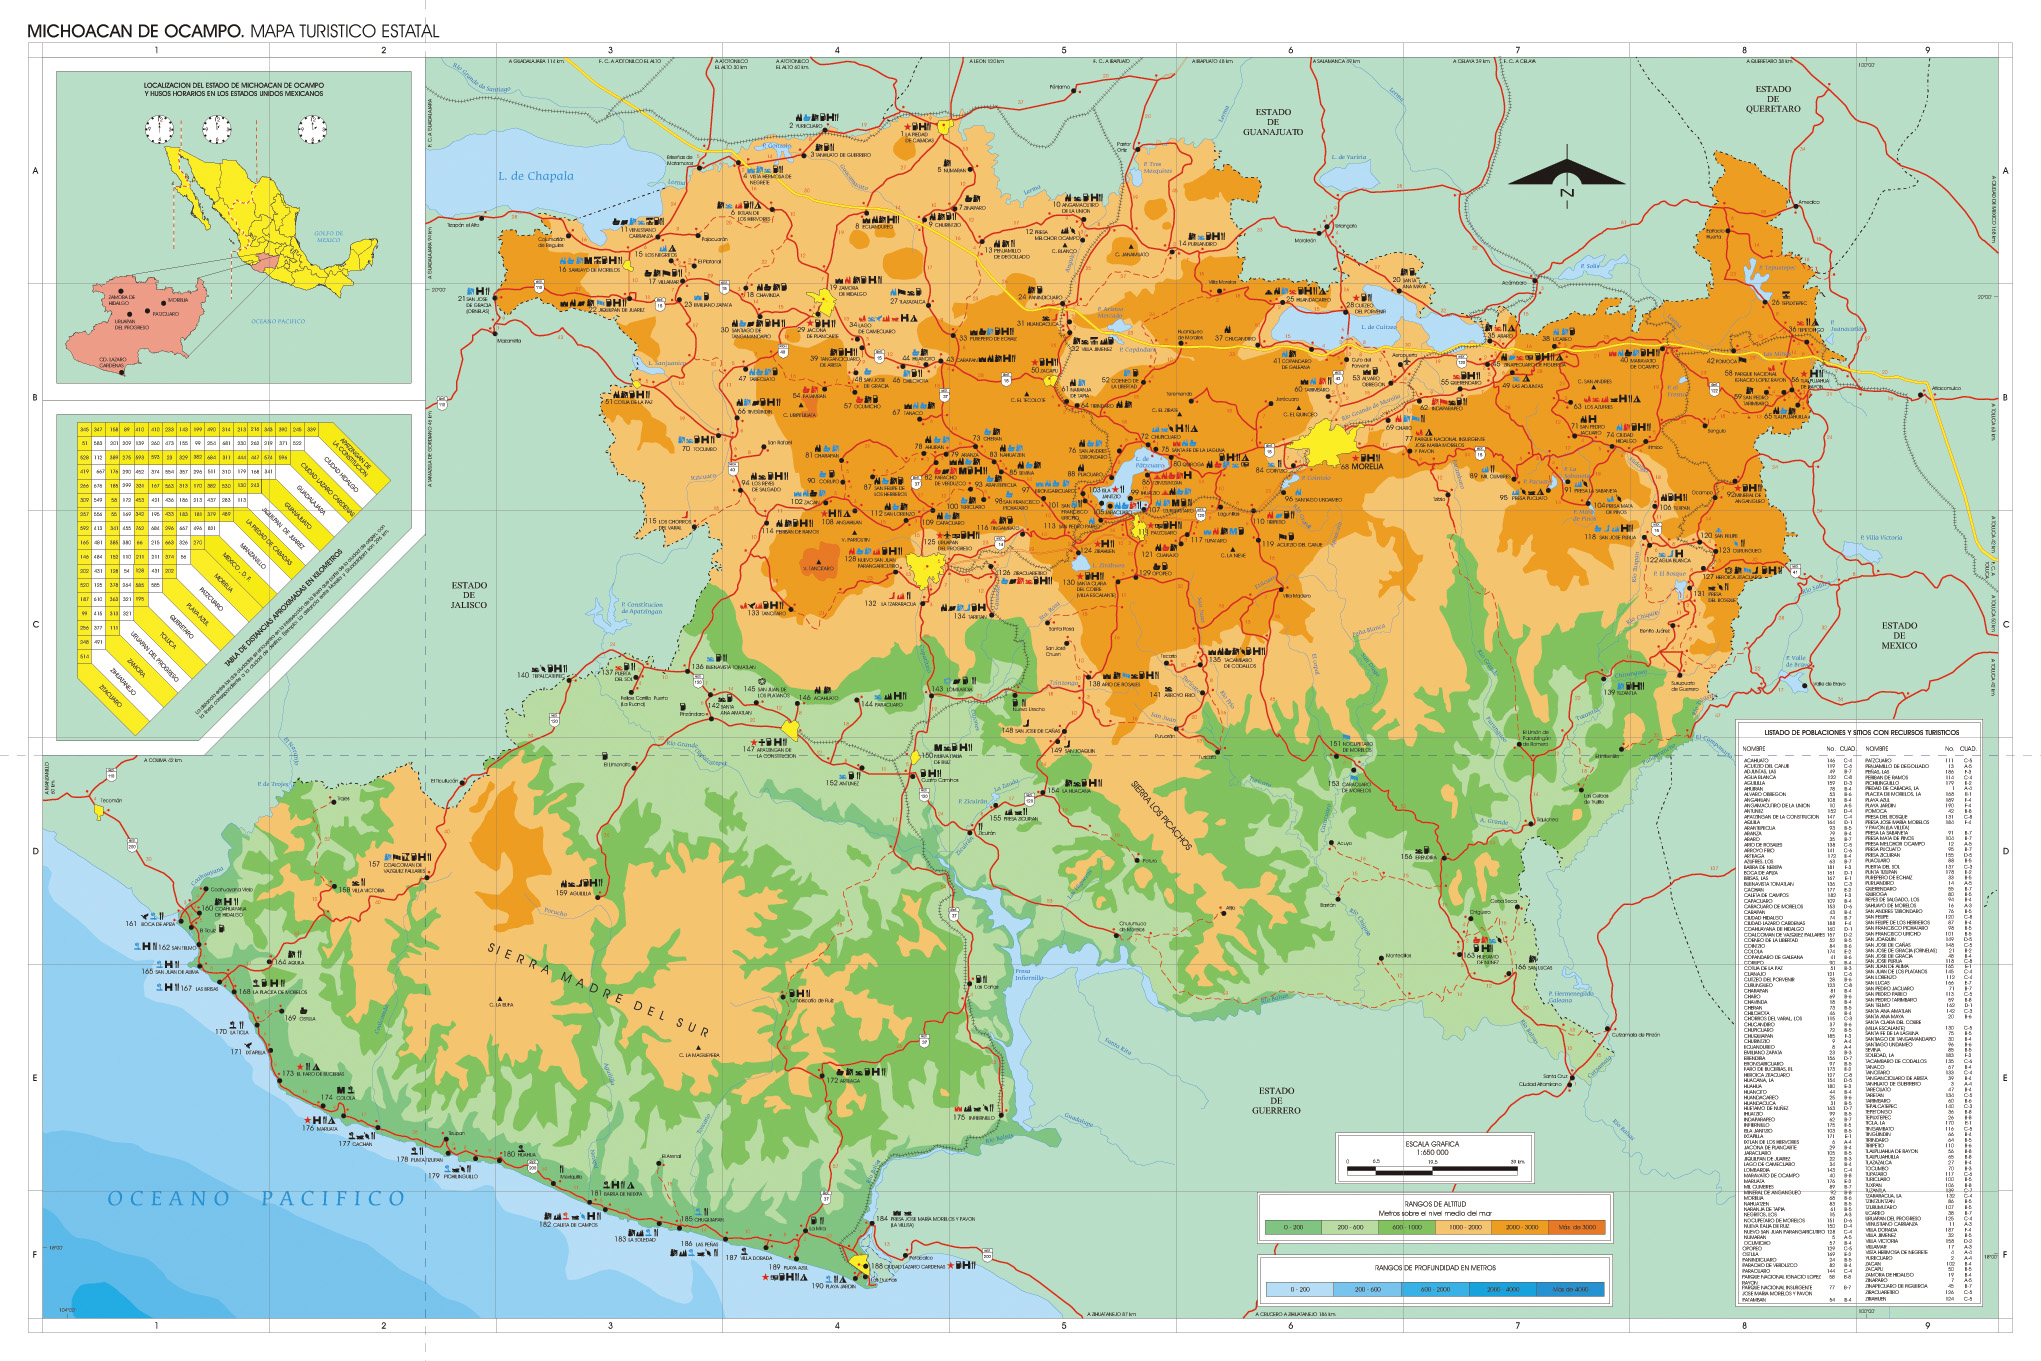 Mapa Estado de Michoacan, Mexico